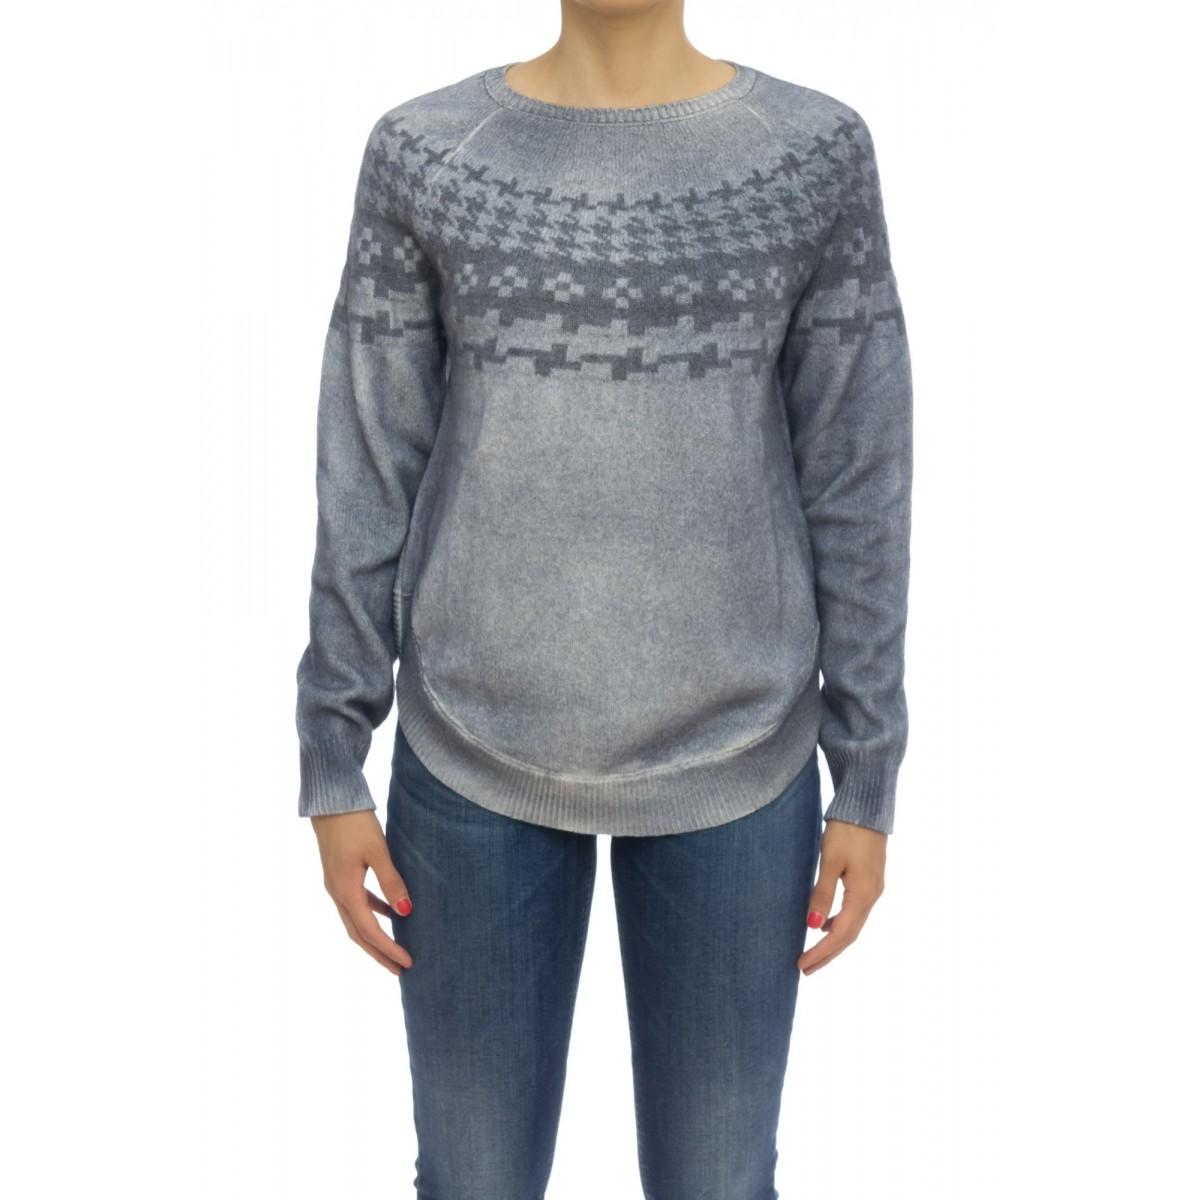 Maglieria - 1882080 maglia jaquard spruzzata 92%merinos 8% cashmeire